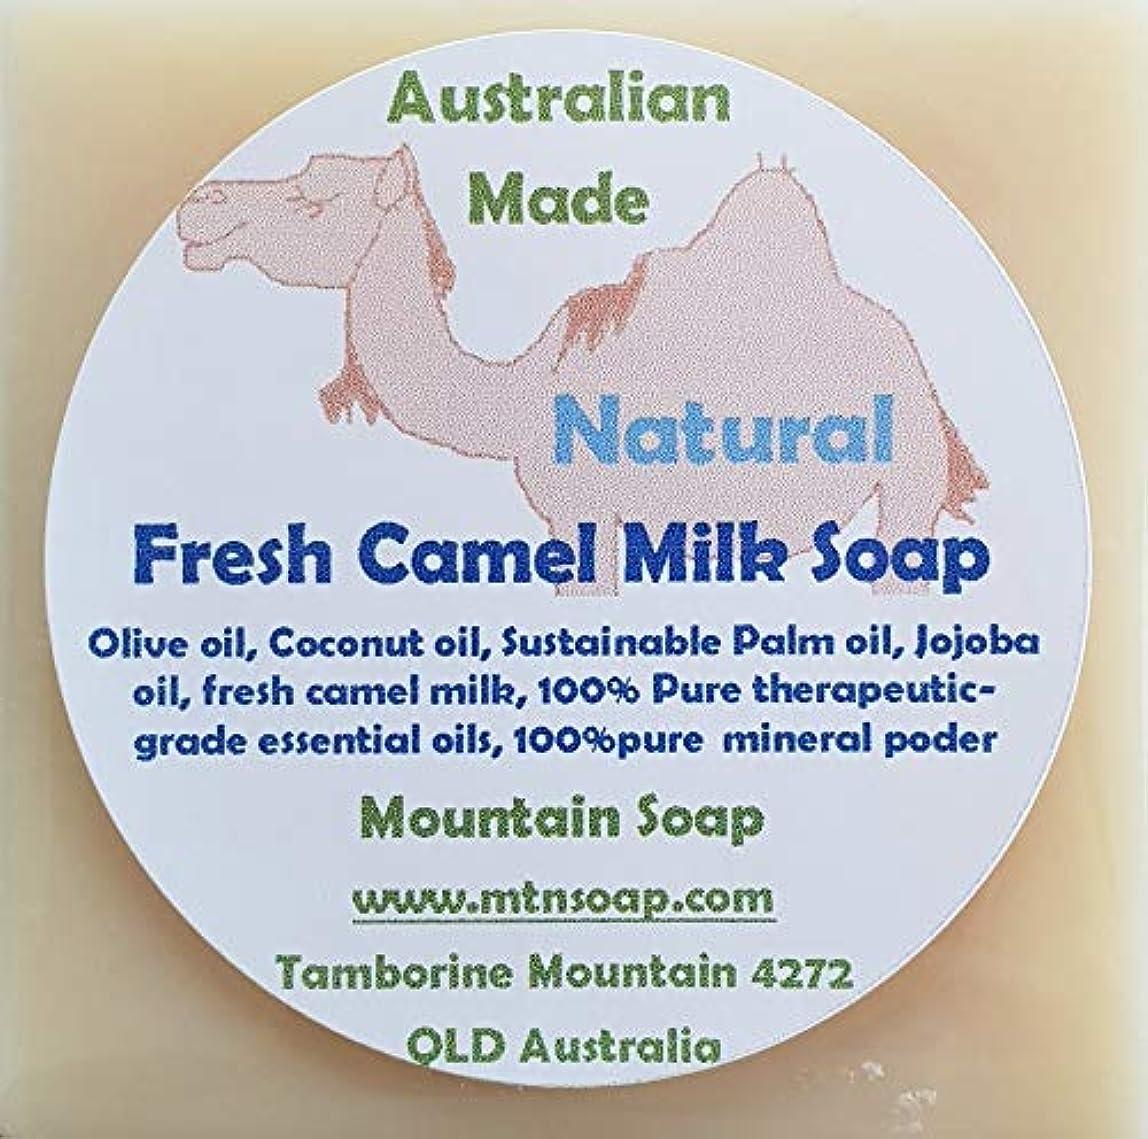 威するベリーを必要としています【Mountain Soap】マウンテンソープ 農場直送絞りたて生乳使用 キャメルミルク石鹸 CAMEL MILK キャメルミルクソープ ラクダミルク石鹸 (ナチュラル(無香料))